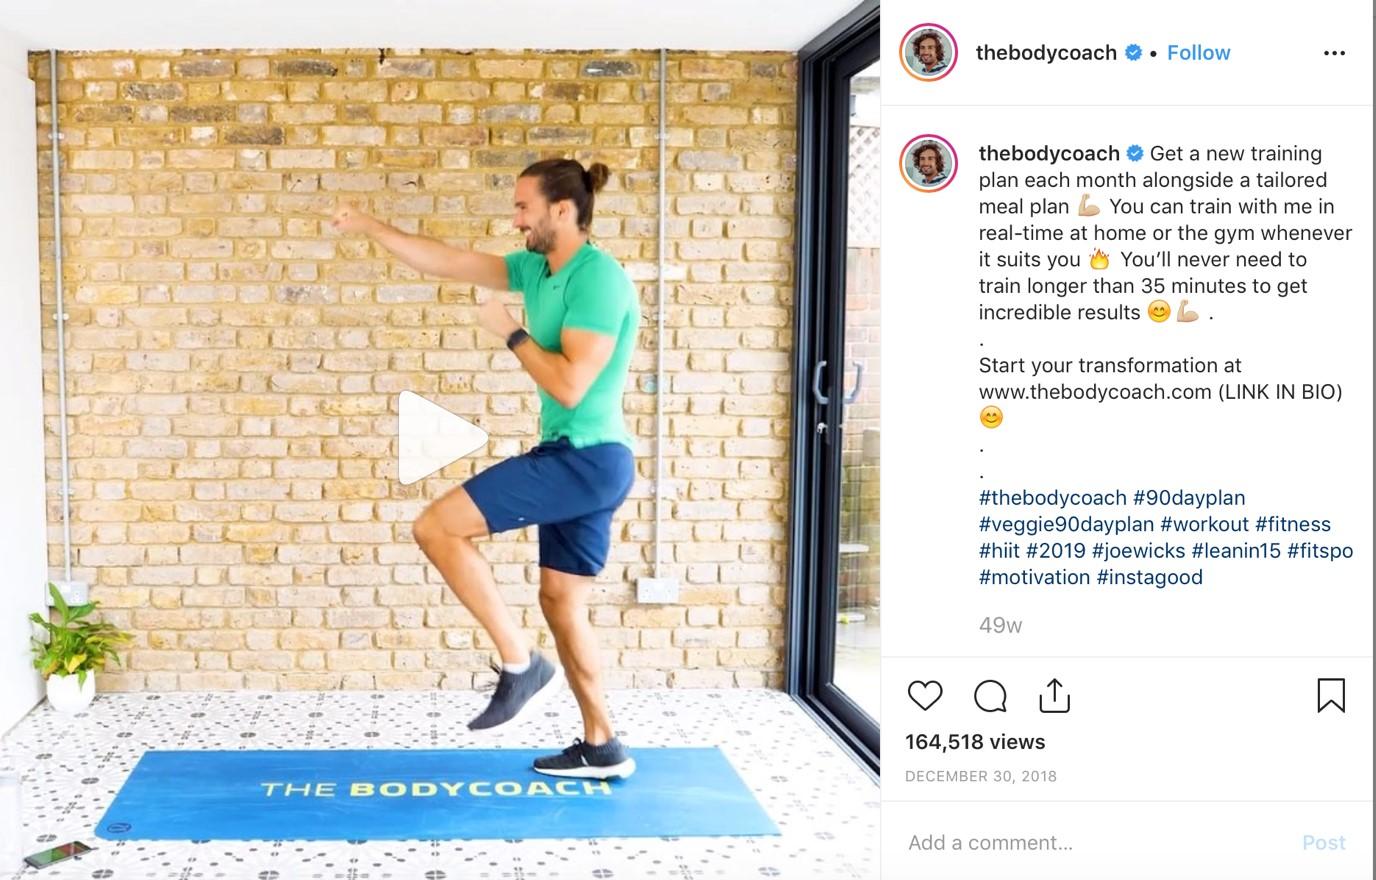 Joe Wicks Instagram post